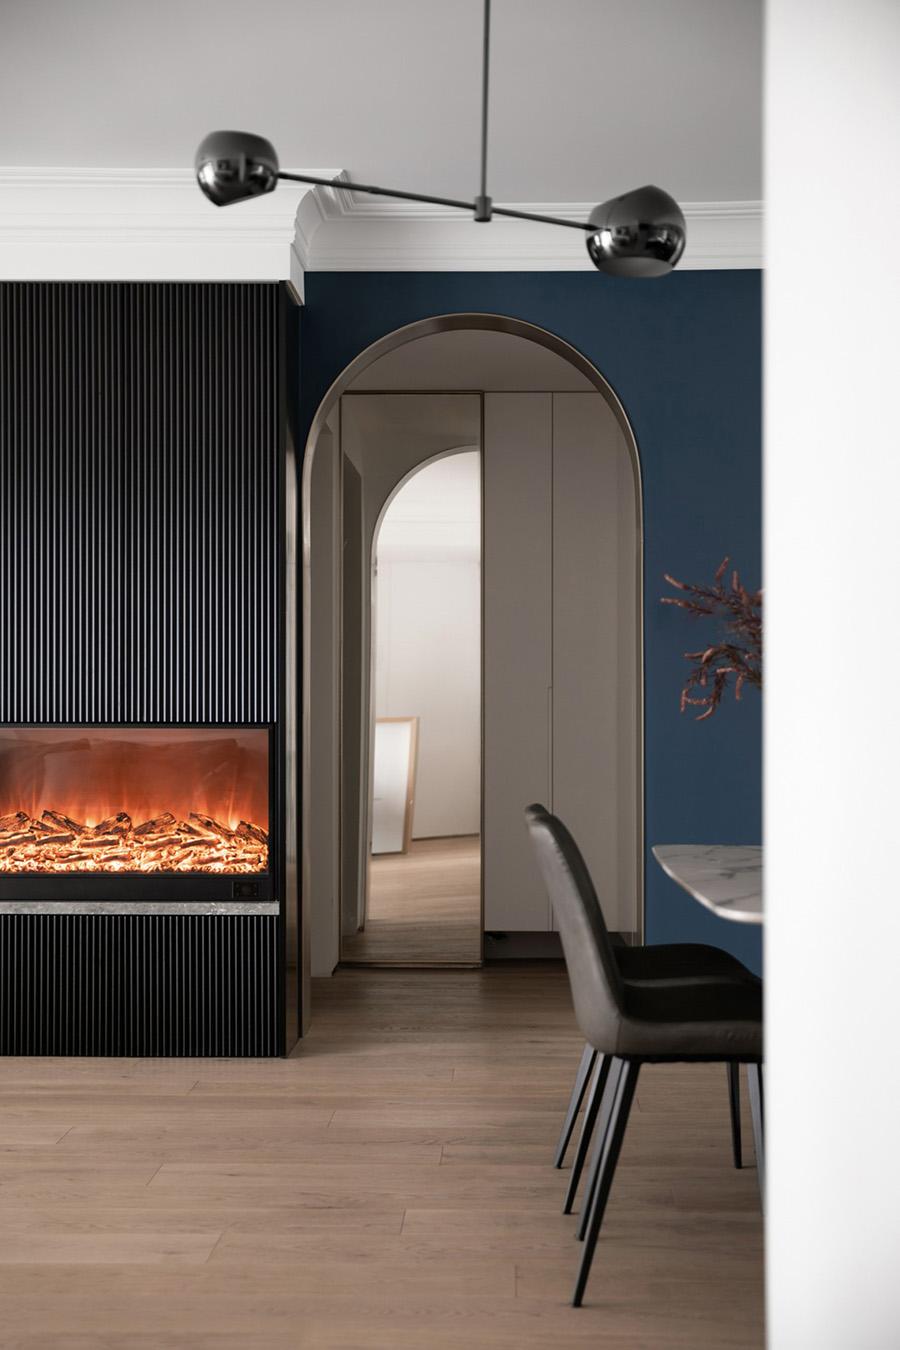 朗诗国际170㎡高级感现代客厅装修设计效果图 第8张